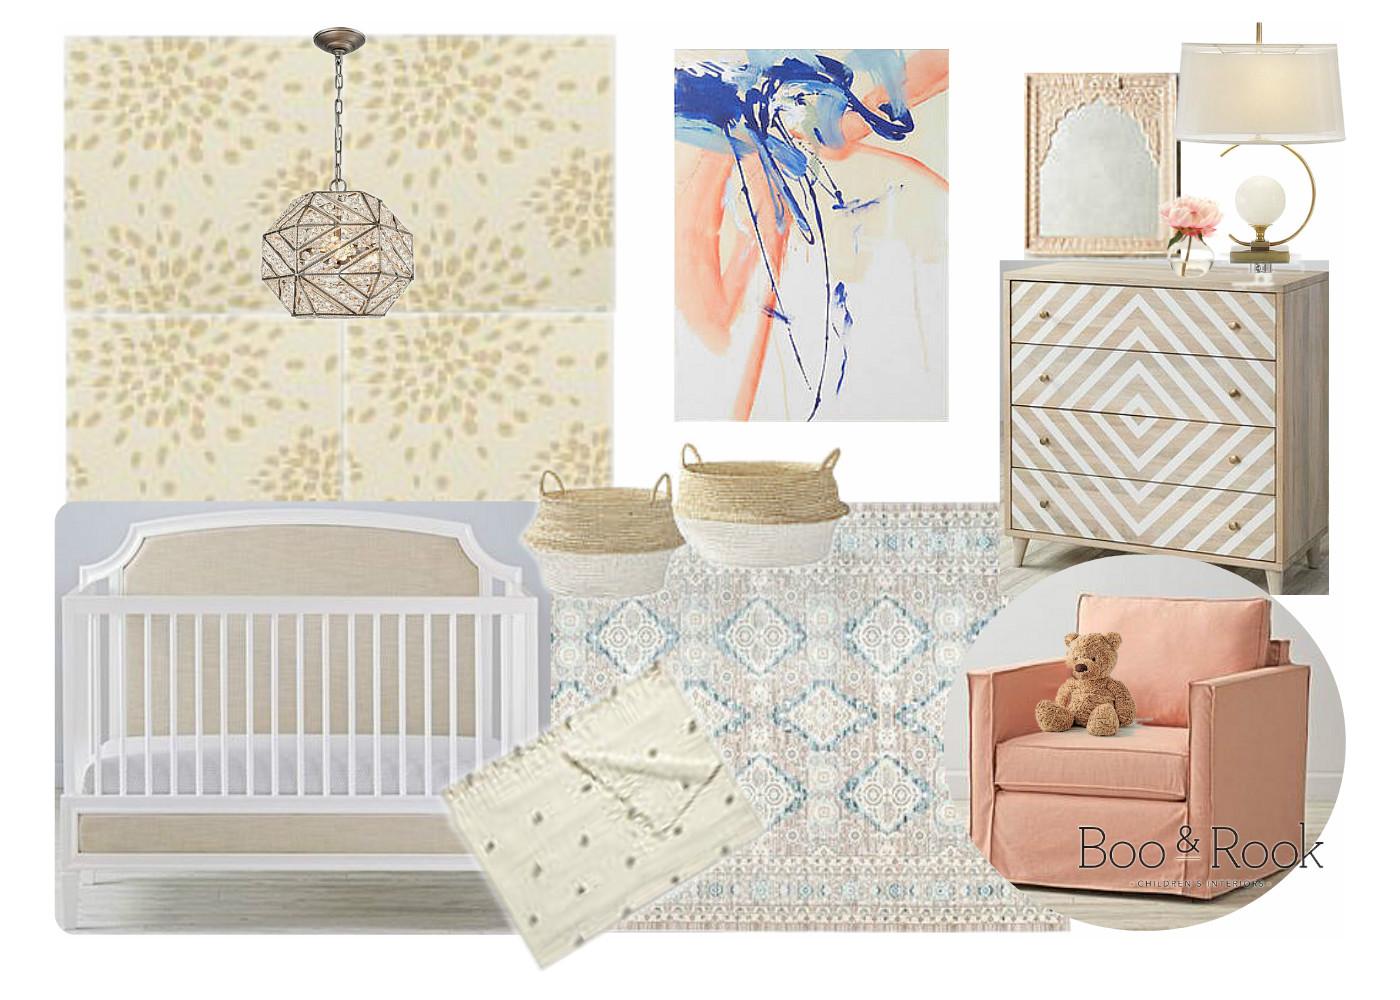 Boo & Rook boston massachusetts interior designer nursery designer baby girl neutral nursery.jpg